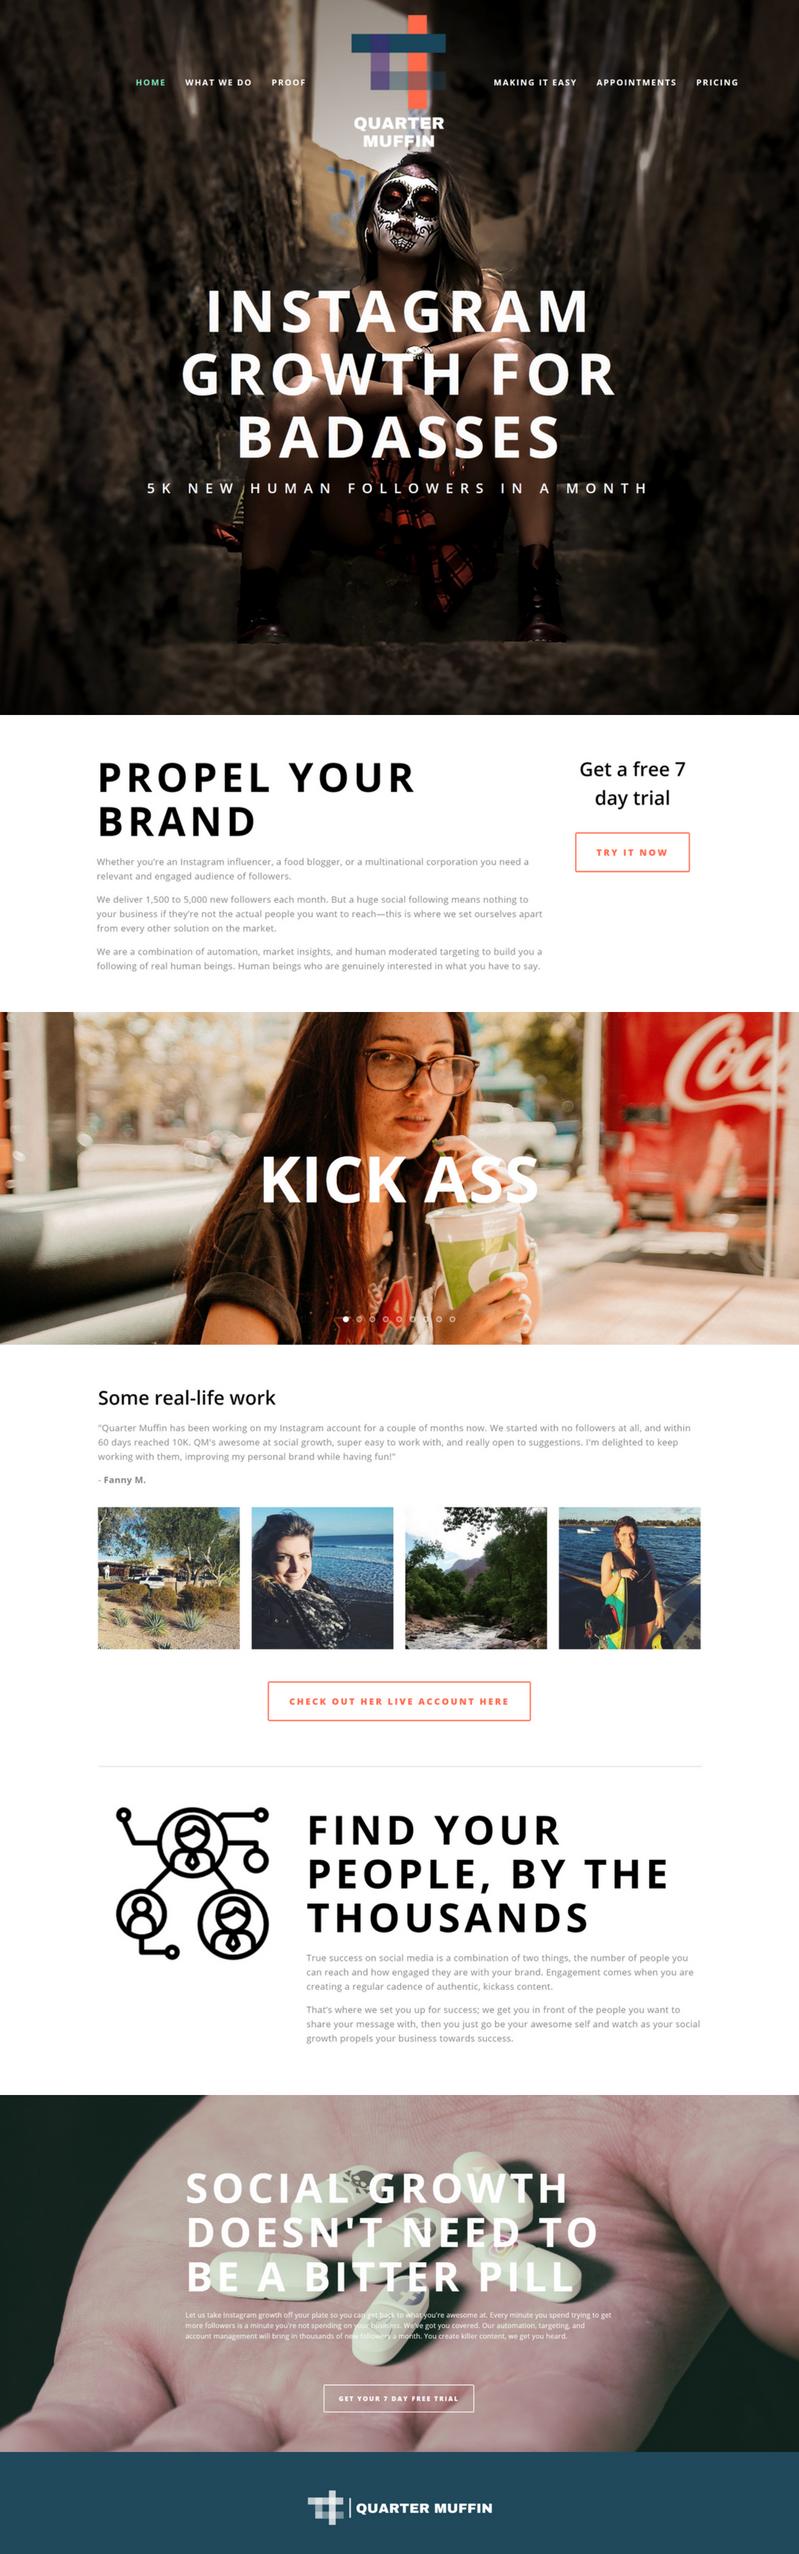 Milone and company web design